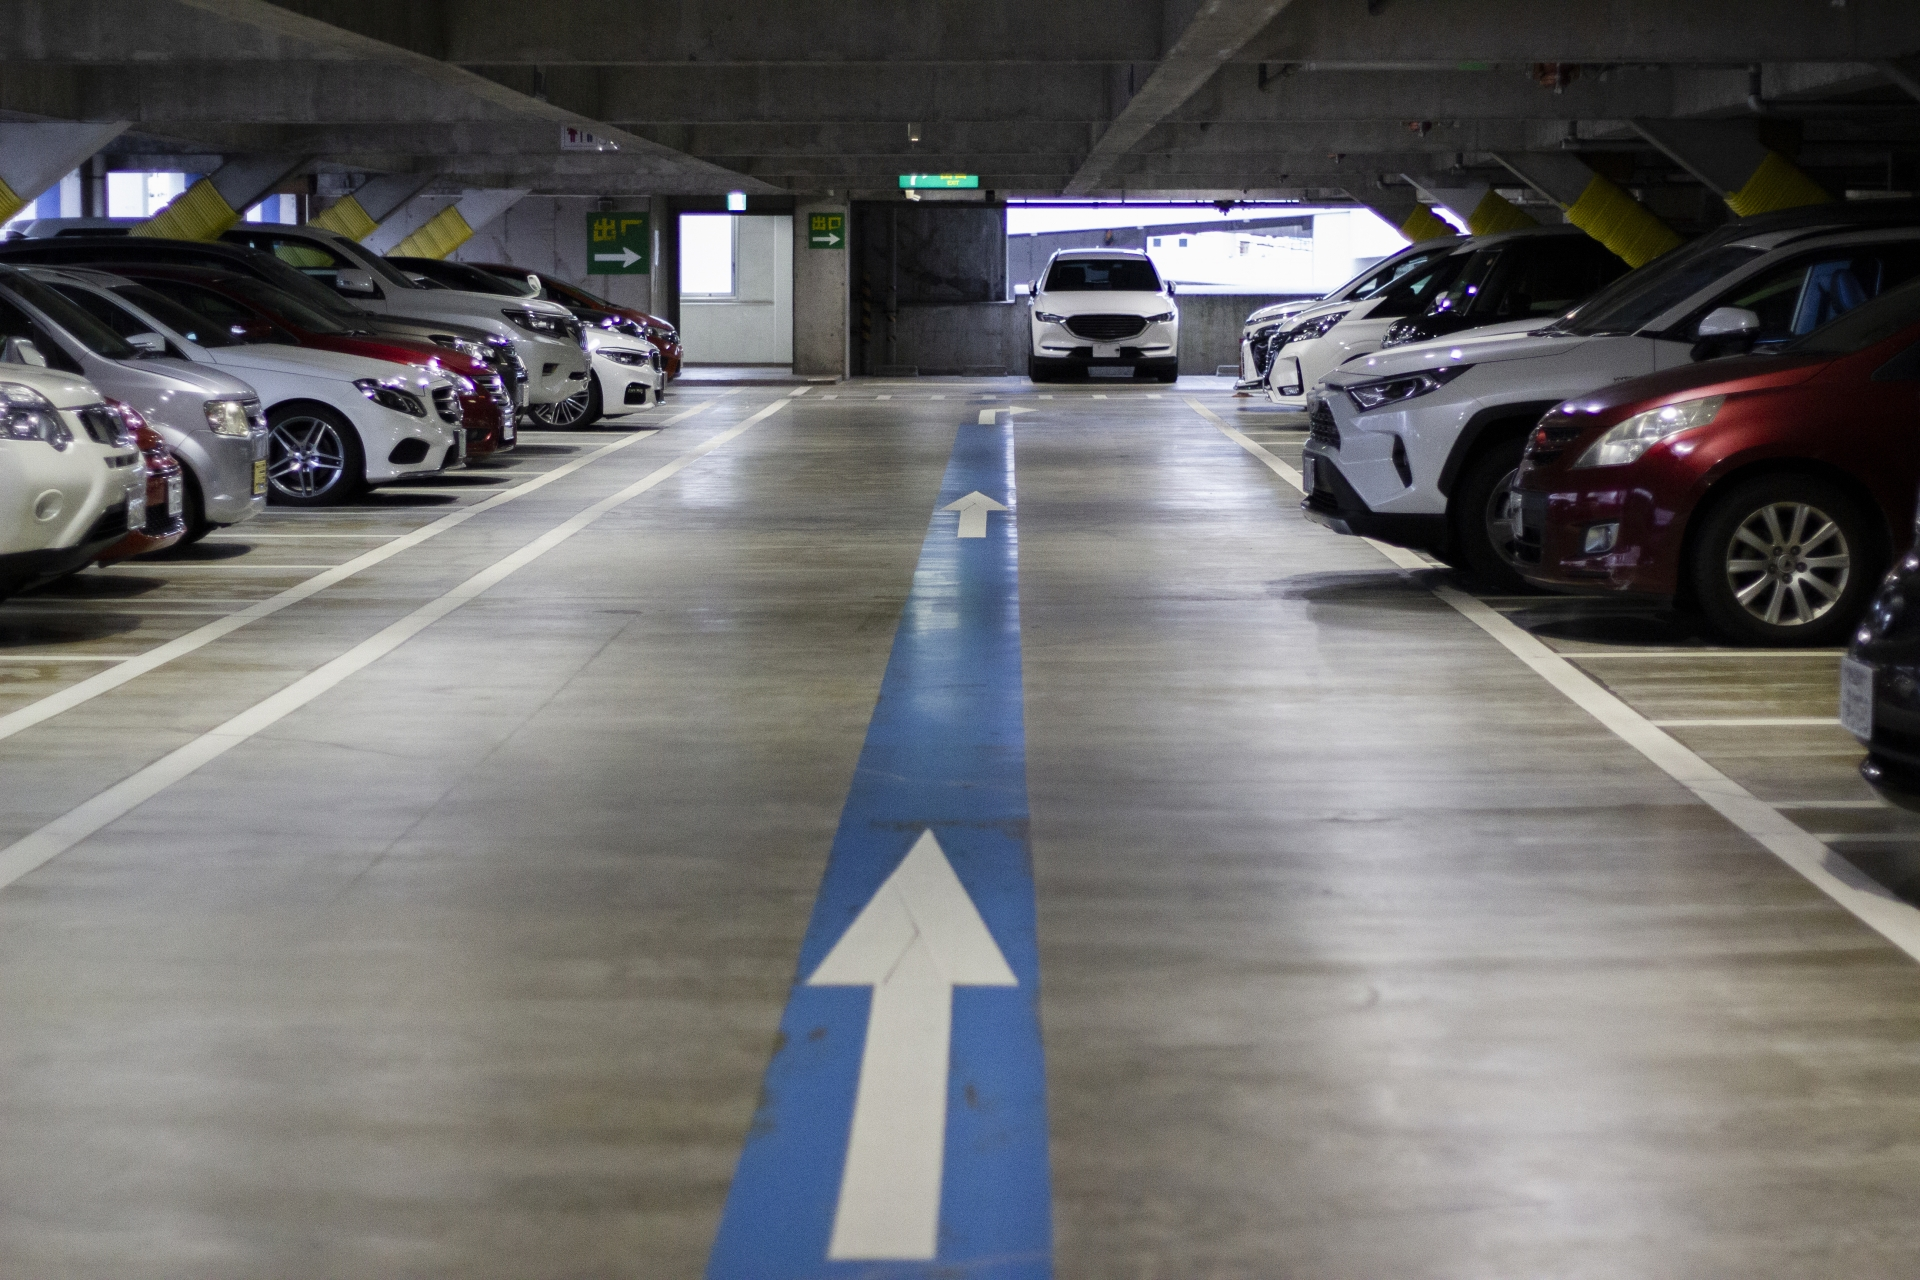 川越 駐車場